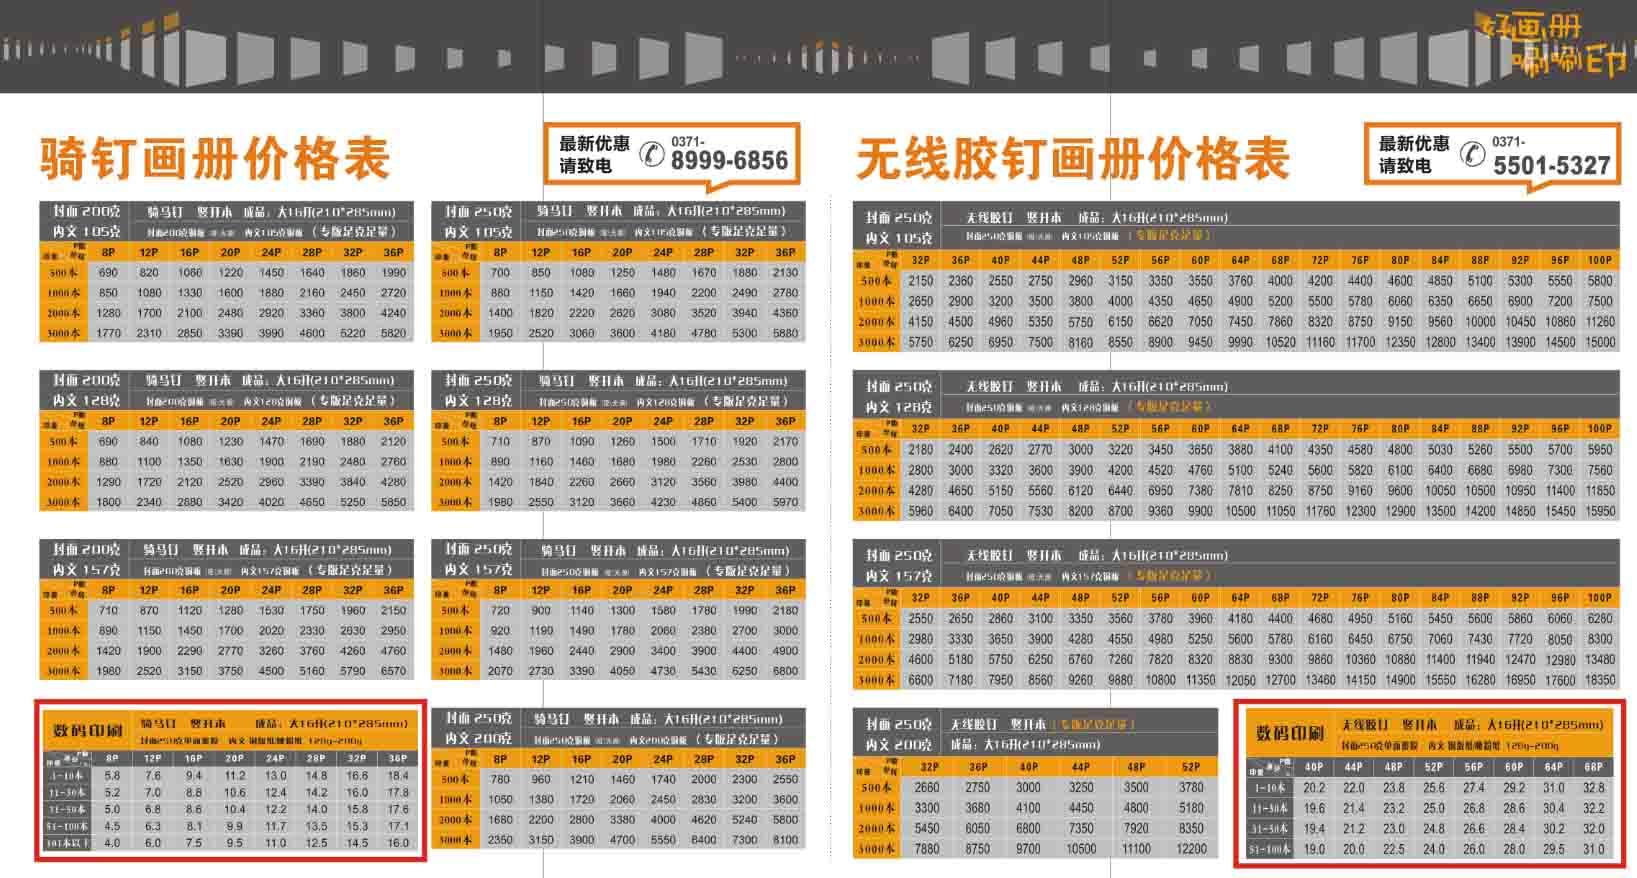 郑州医院画册印刷企业哪家好